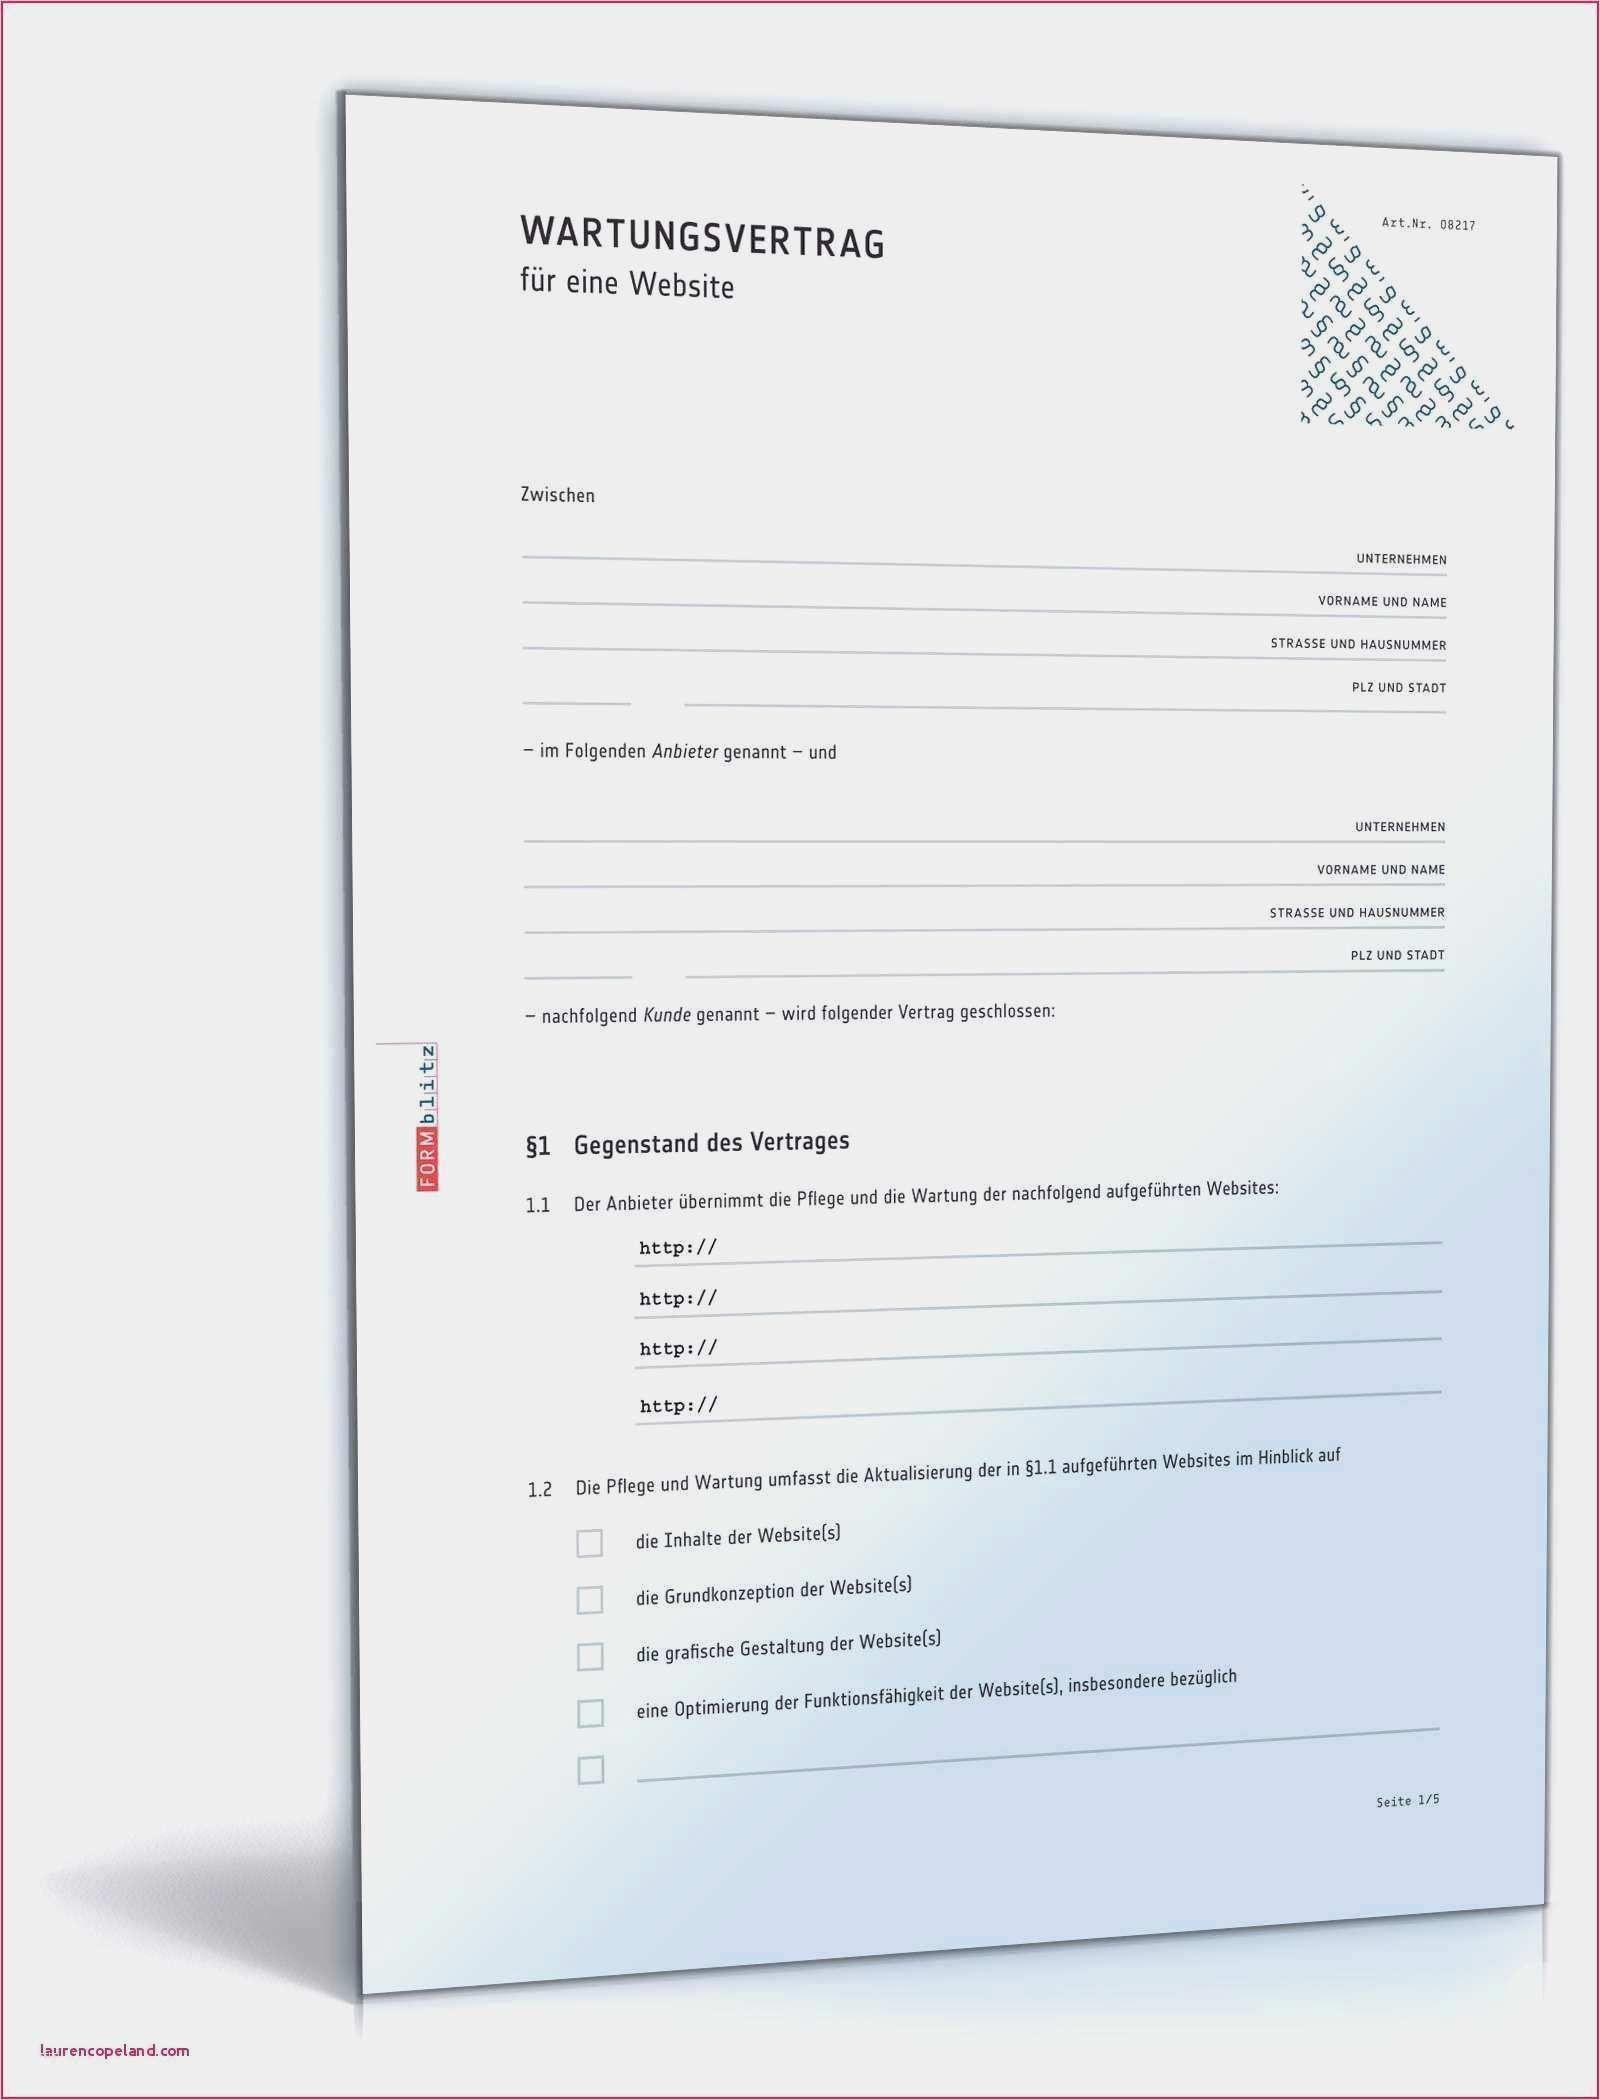 Best Of Vorlage Kundenzufriedenheit Fragebogen Abbildung In 2020 Vorlagen Word Vorlagen Lebenslauf Vorlagen Word